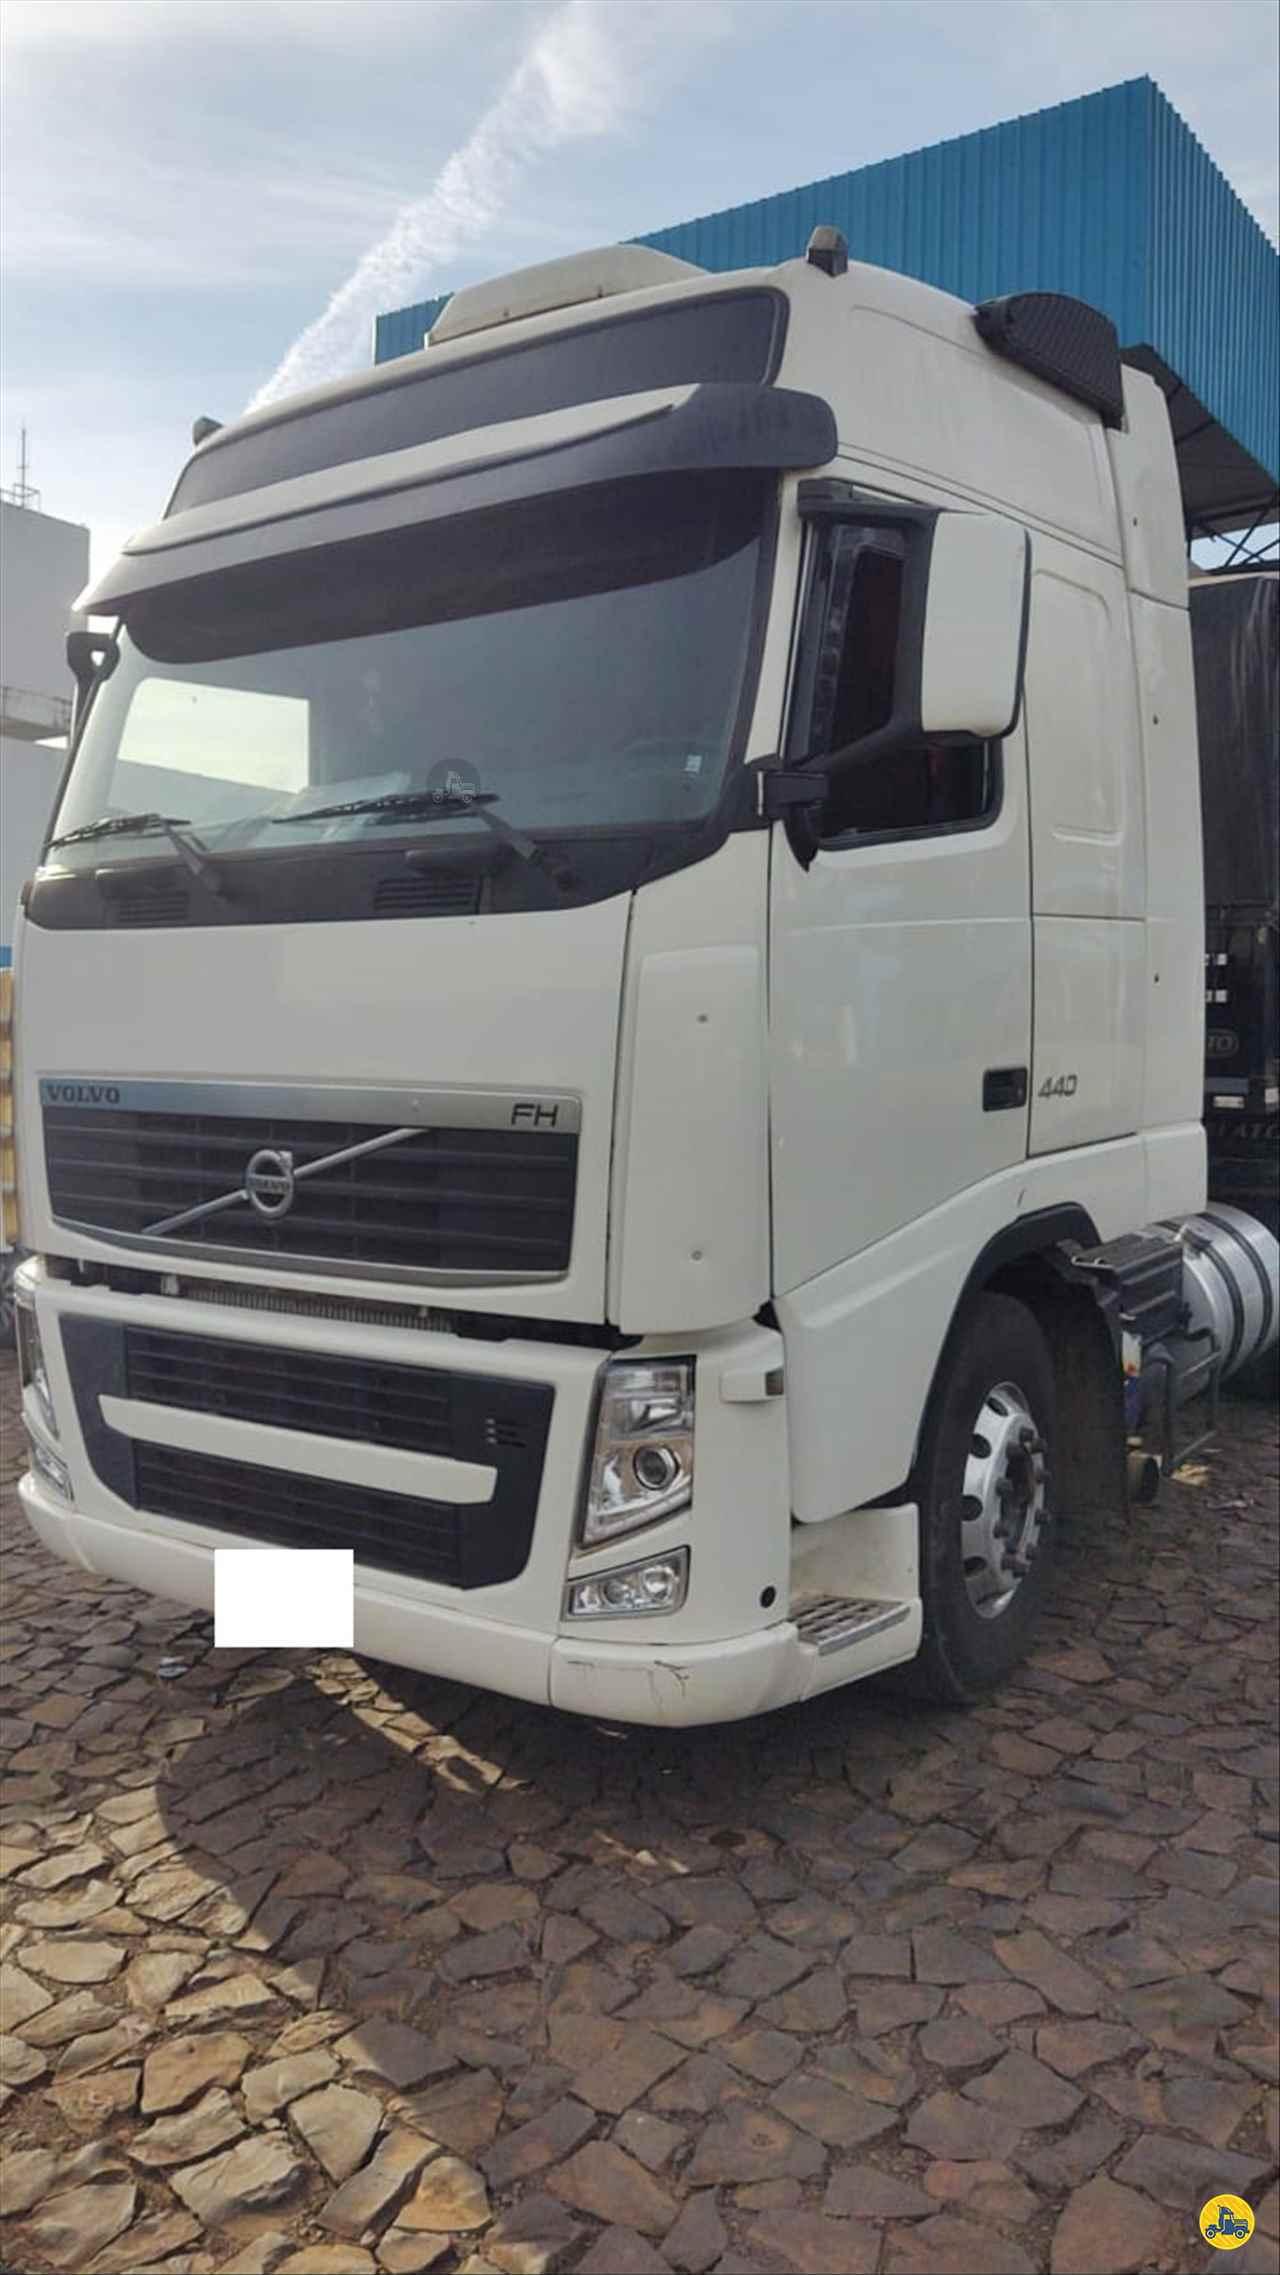 CAMINHAO VOLVO VOLVO FH 440 Cavalo Mecânico Truck 6x2 Transmap Caminhões SANTA ROSA RIO GRANDE DO SUL RS